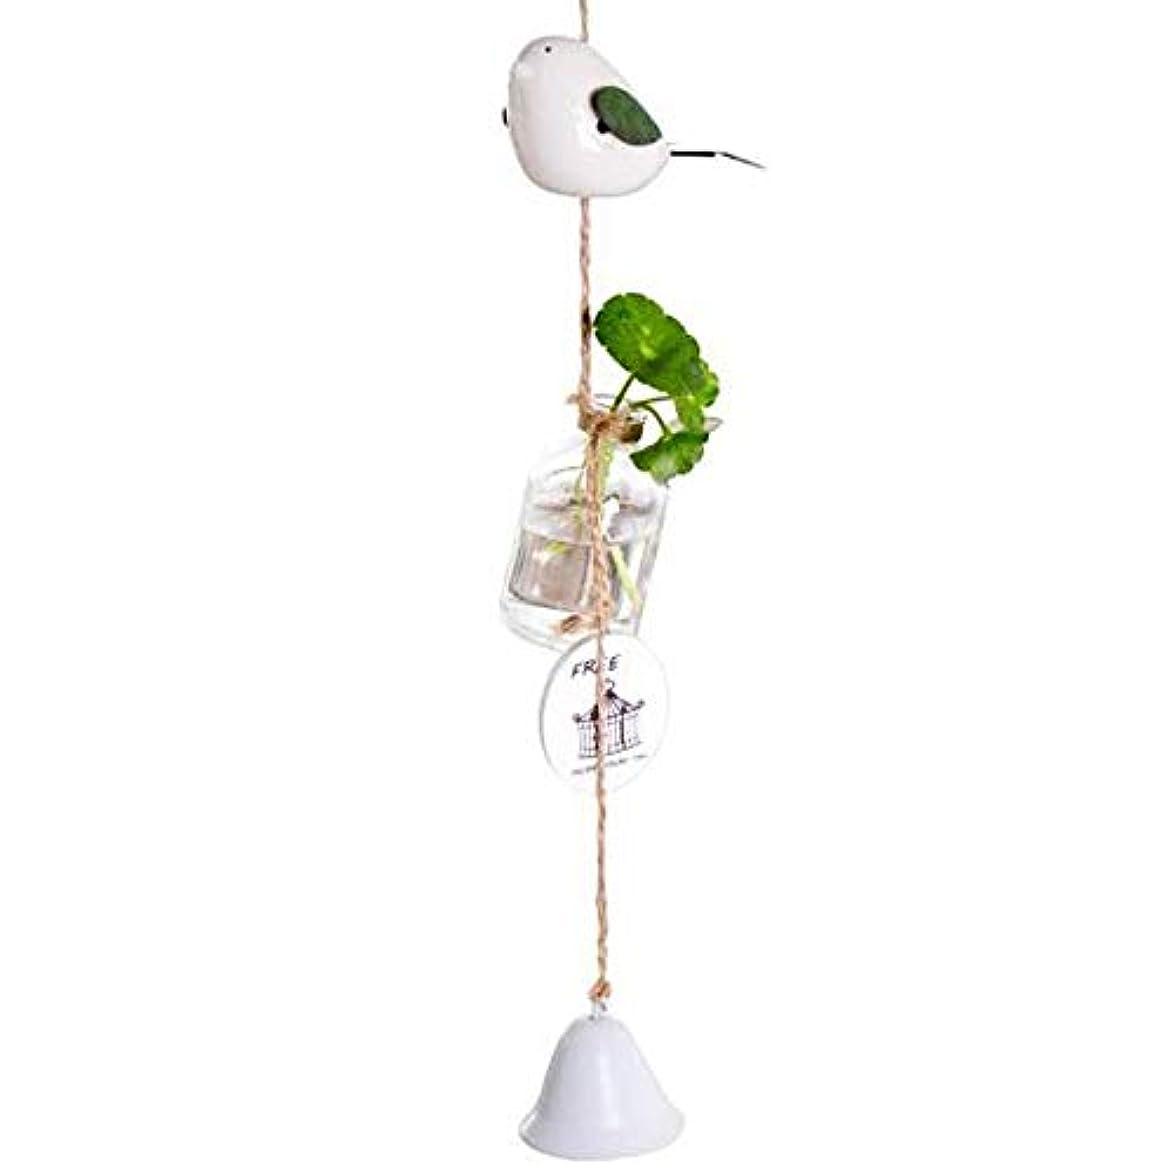 喜んでトレース詩人Hongyushanghang 風チャイム、クリエイティブ?グラス風チャイム、白、ロープの長さ63センチメートルボトル(なし植物),、ジュエリークリエイティブホリデーギフトを掛ける (Color : White)